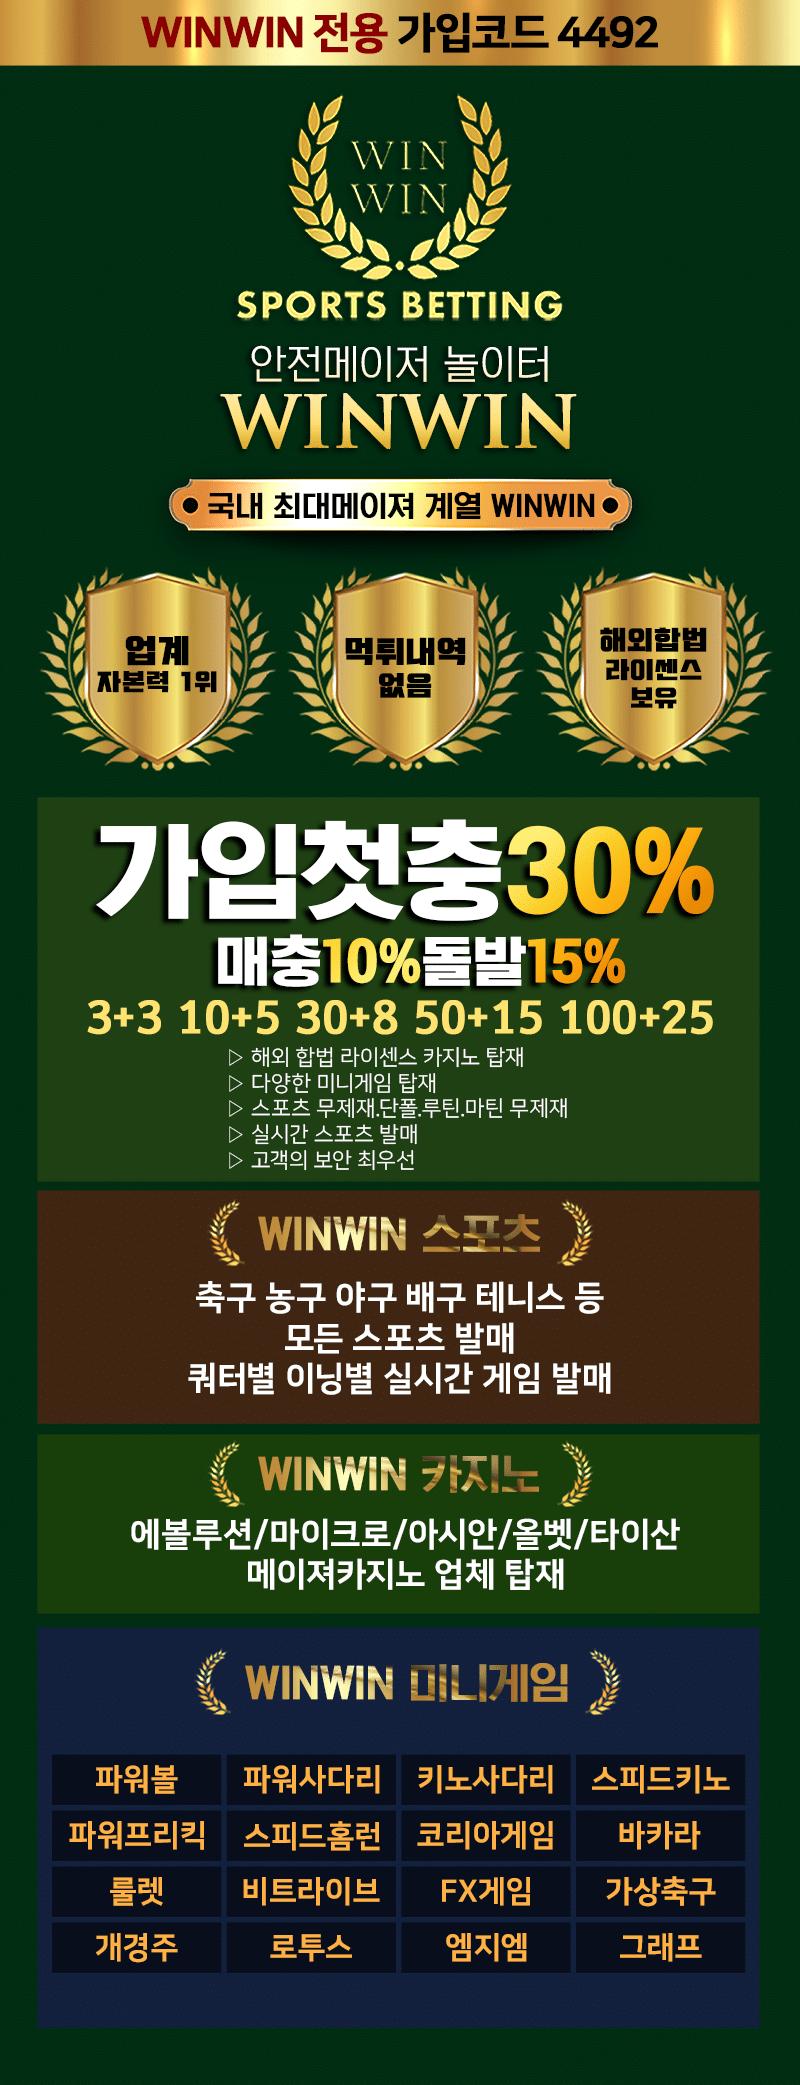 먹튀검증완료 안전제휴업체 - WINWIN 윈윈